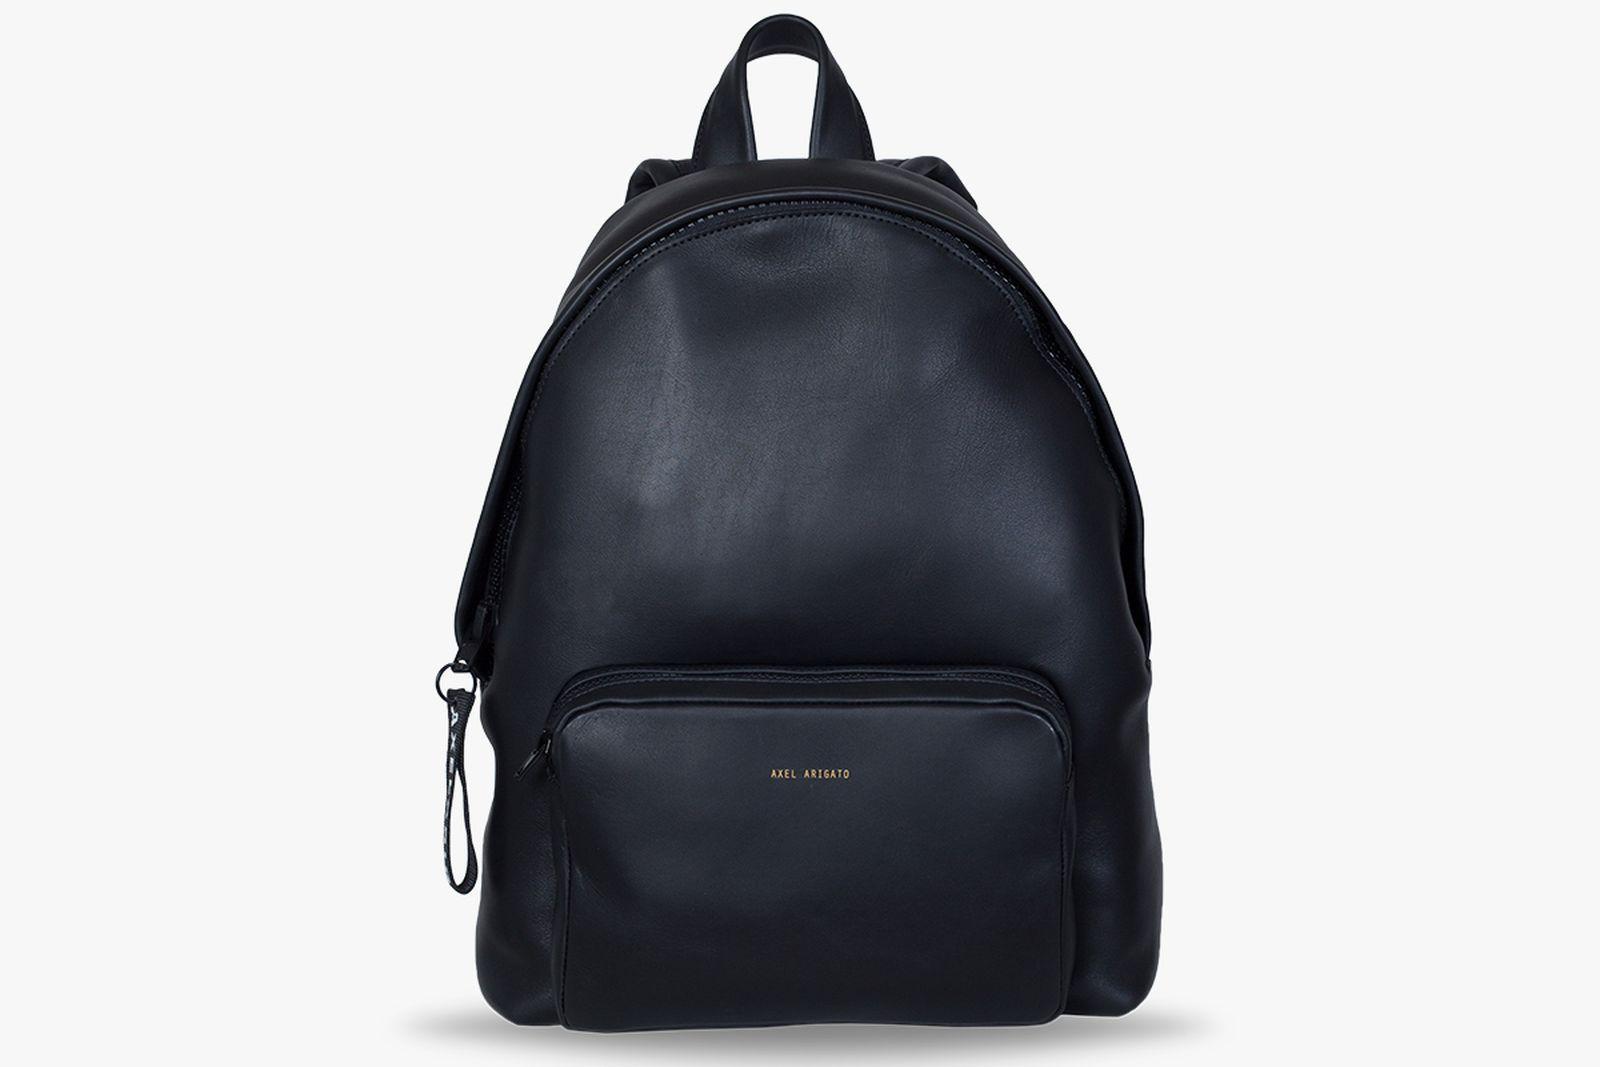 axel-arigato-bag-collection-03